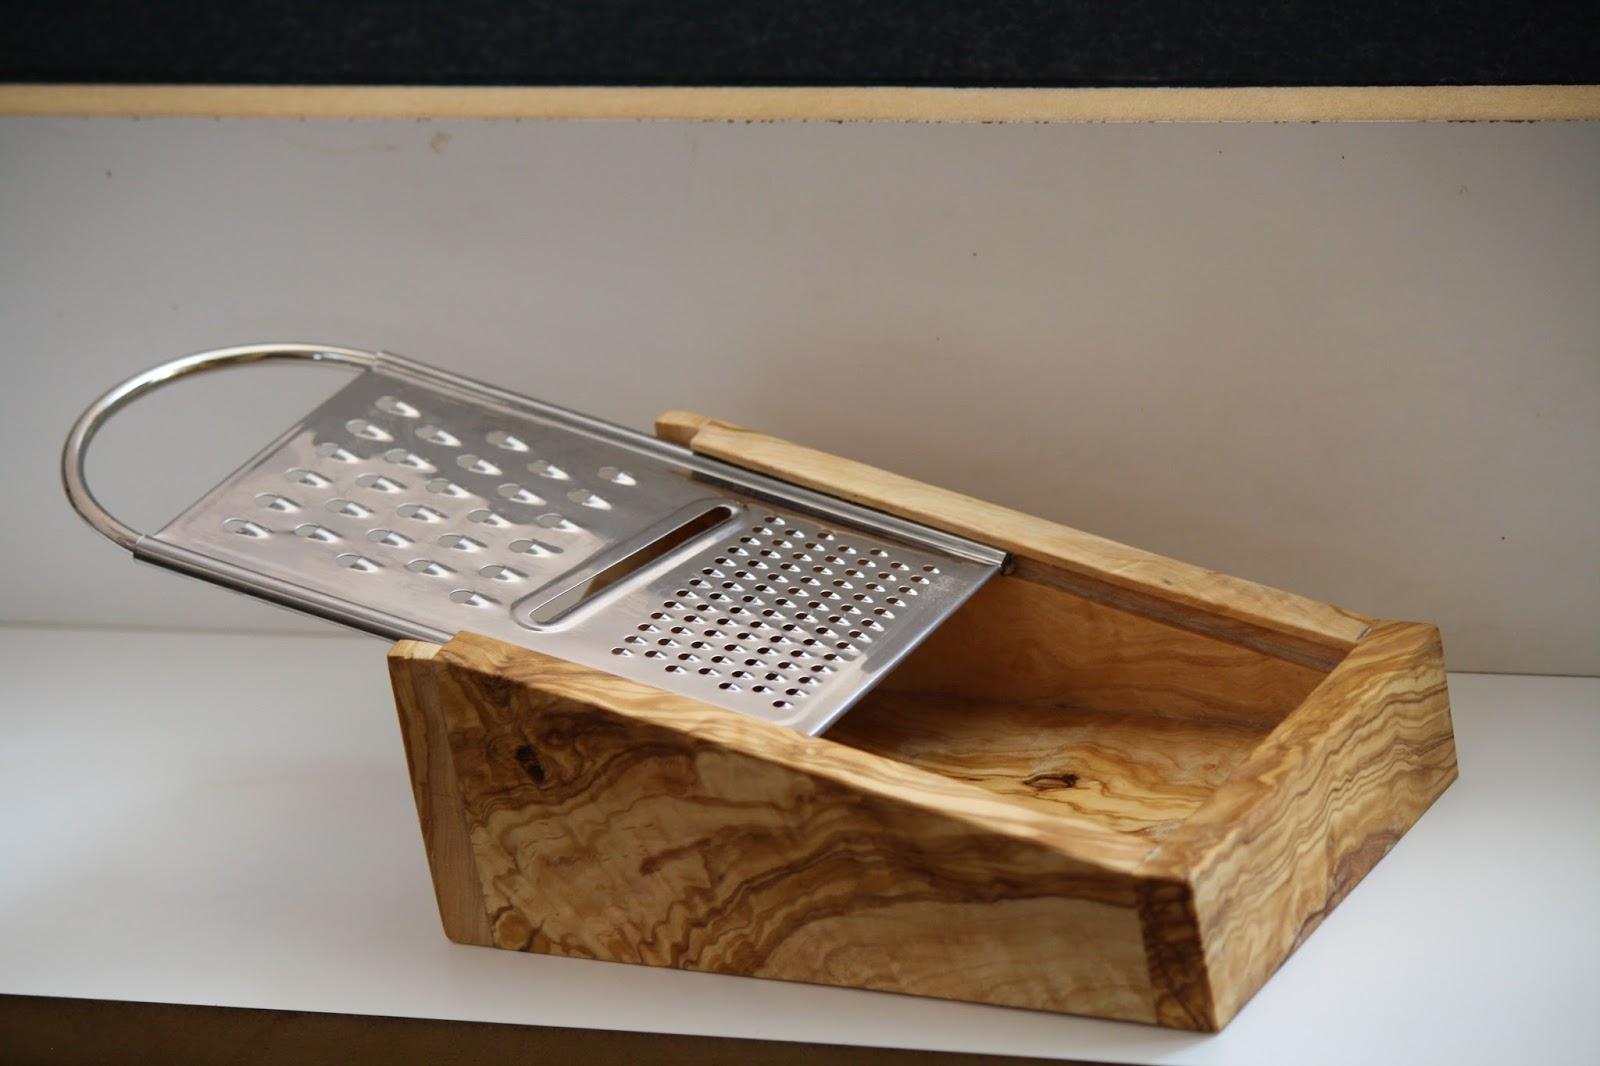 Artesania en madera de olivo utensilios de cocina 1 for Utensilios de cocina artesanales